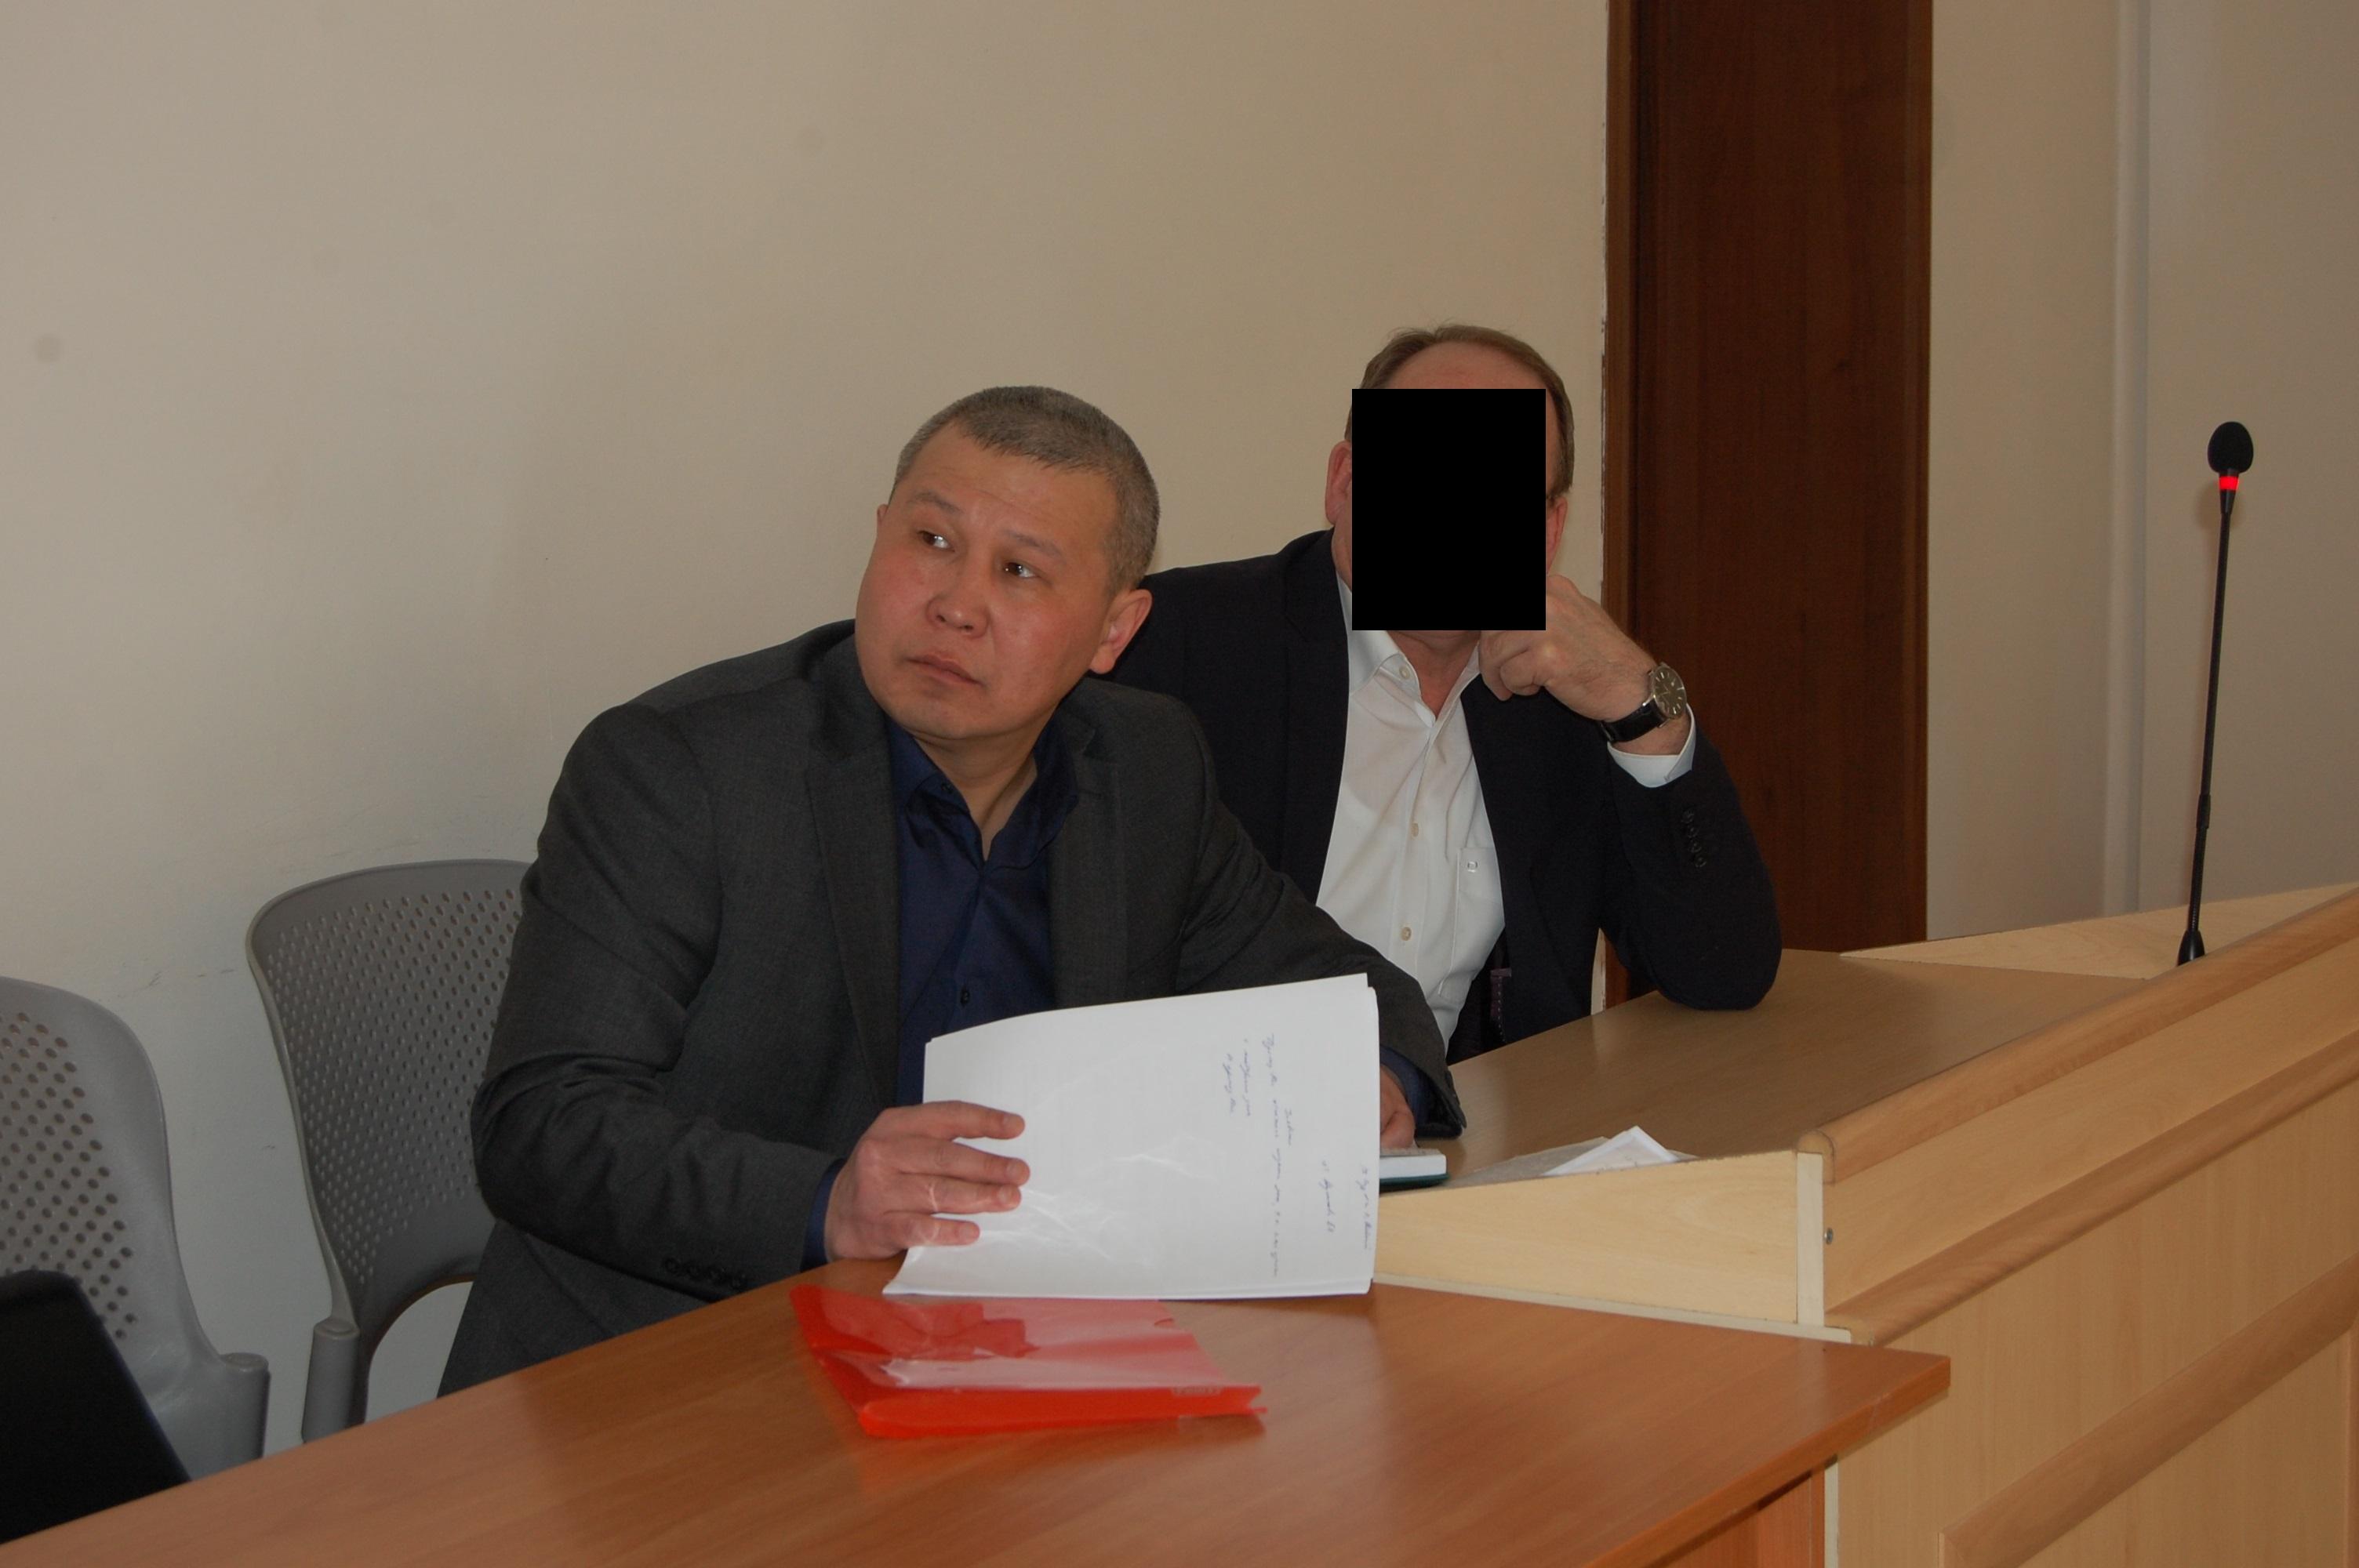 Судья по делу экс-директора РГП «Енбек-Костанай» не может выяснить какой ущерб был нанесен государству